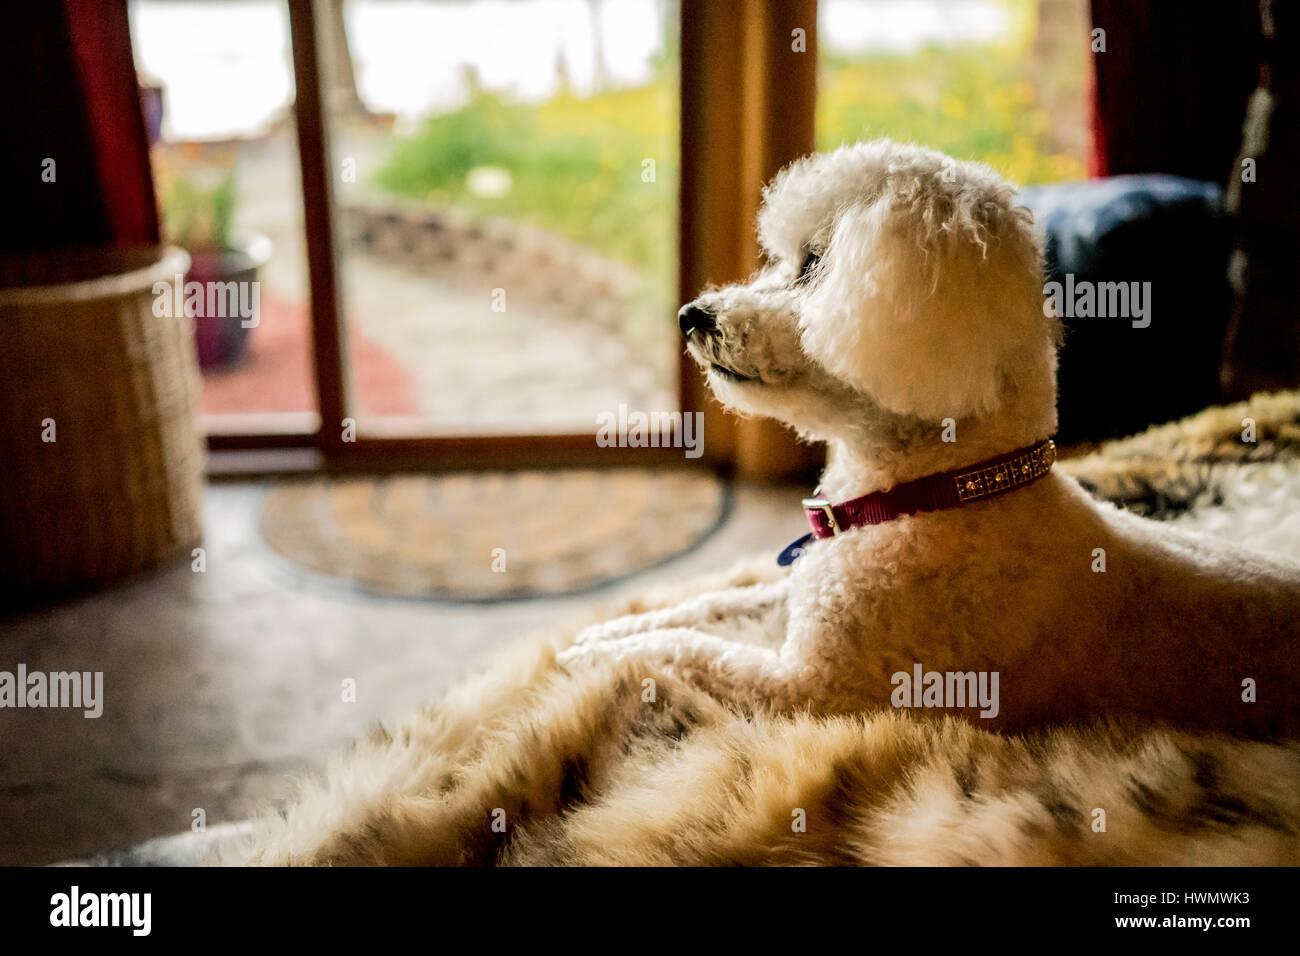 Ein kleiner Hund sitzt zufrieden auf einem Fell Teppich in einem natürlich beleuchteten Raum Stockbild